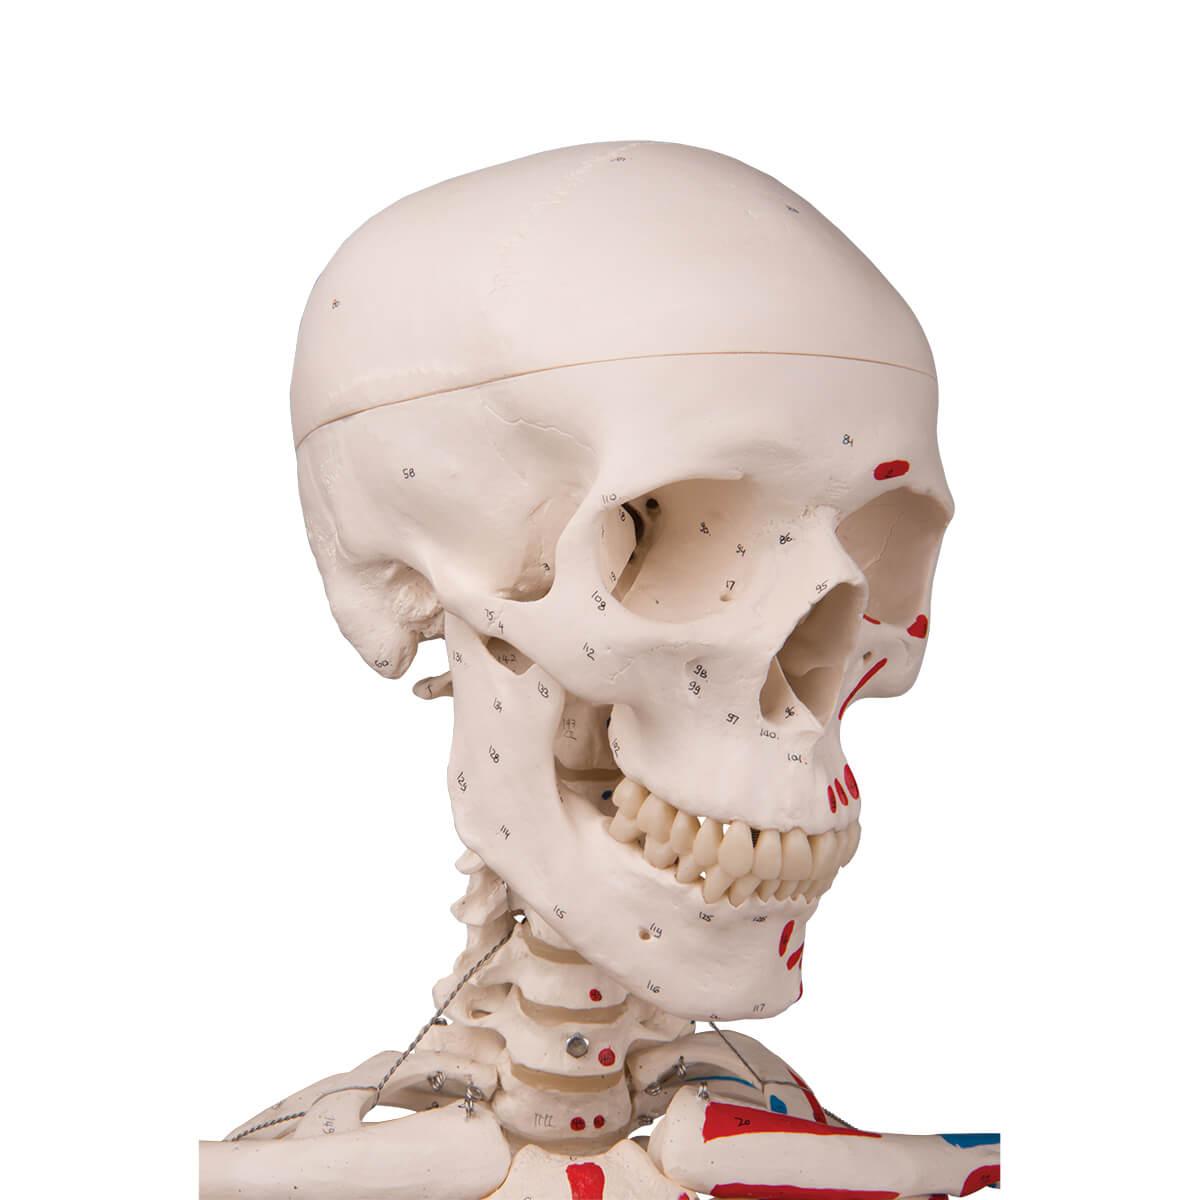 Esqueleto Max A11 com Representação Dos Músculos, em Suporte de Metal com 5 Rolos